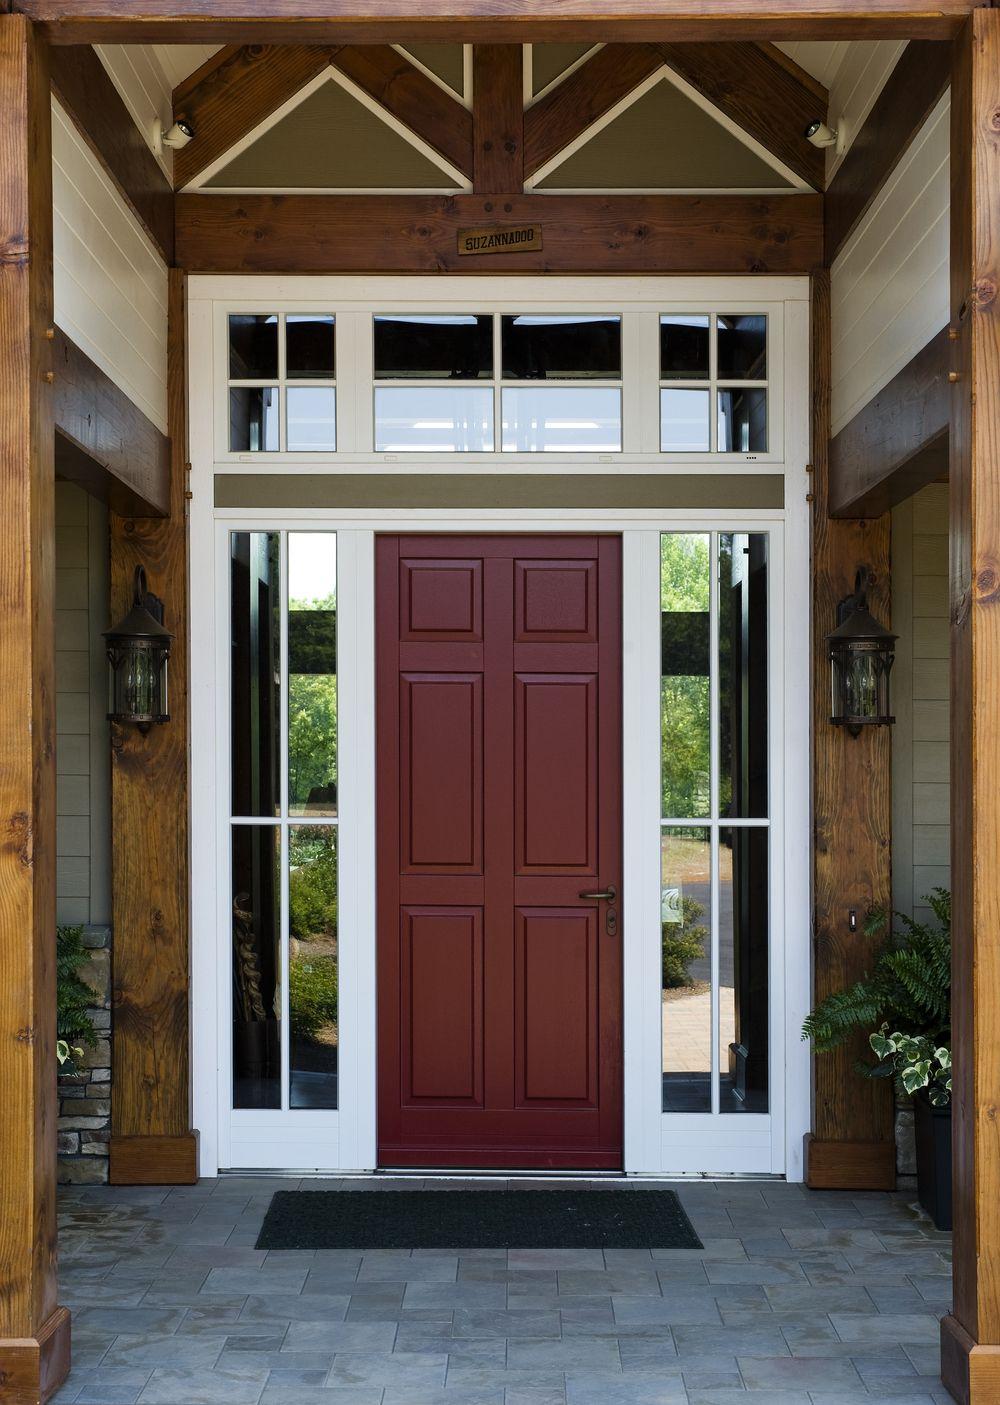 Front Entrance Doors U2014 HENSELSTONE WINDOW AND DOOR SYSTEMS INC.